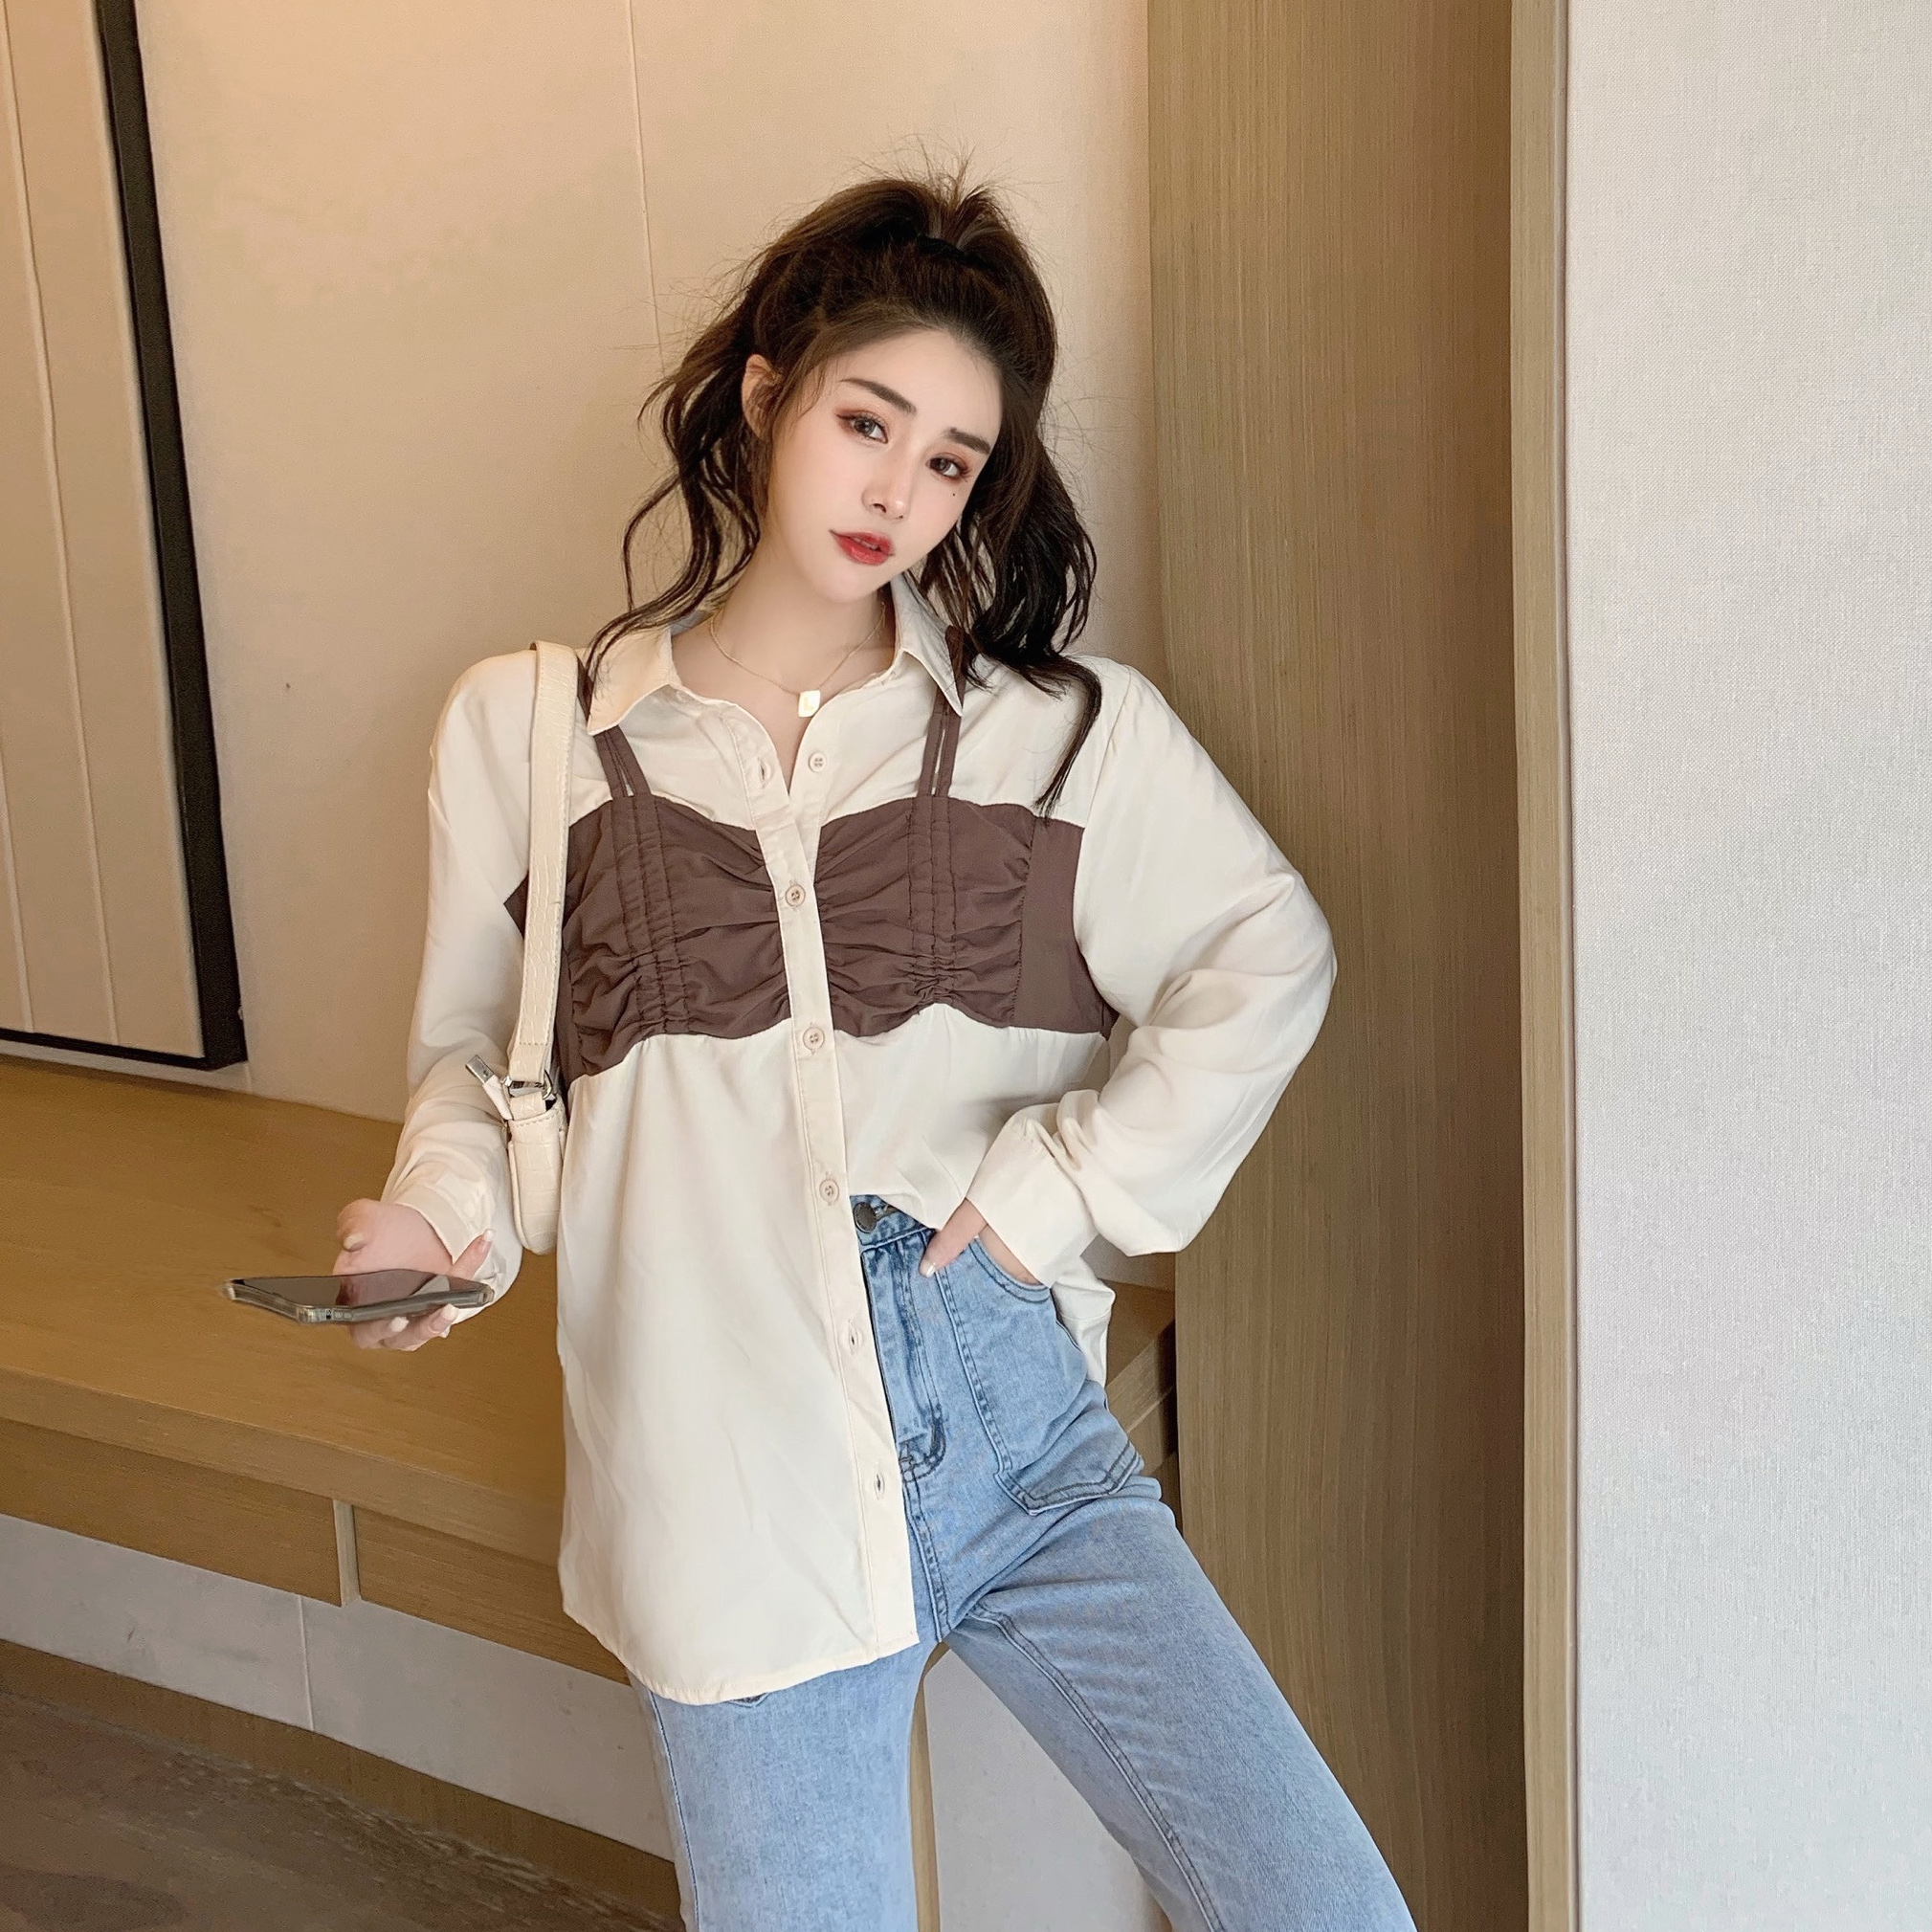 实拍实价~秋季韩版宽松复古设计感百搭假两件长袖衬衫女-花蜜-